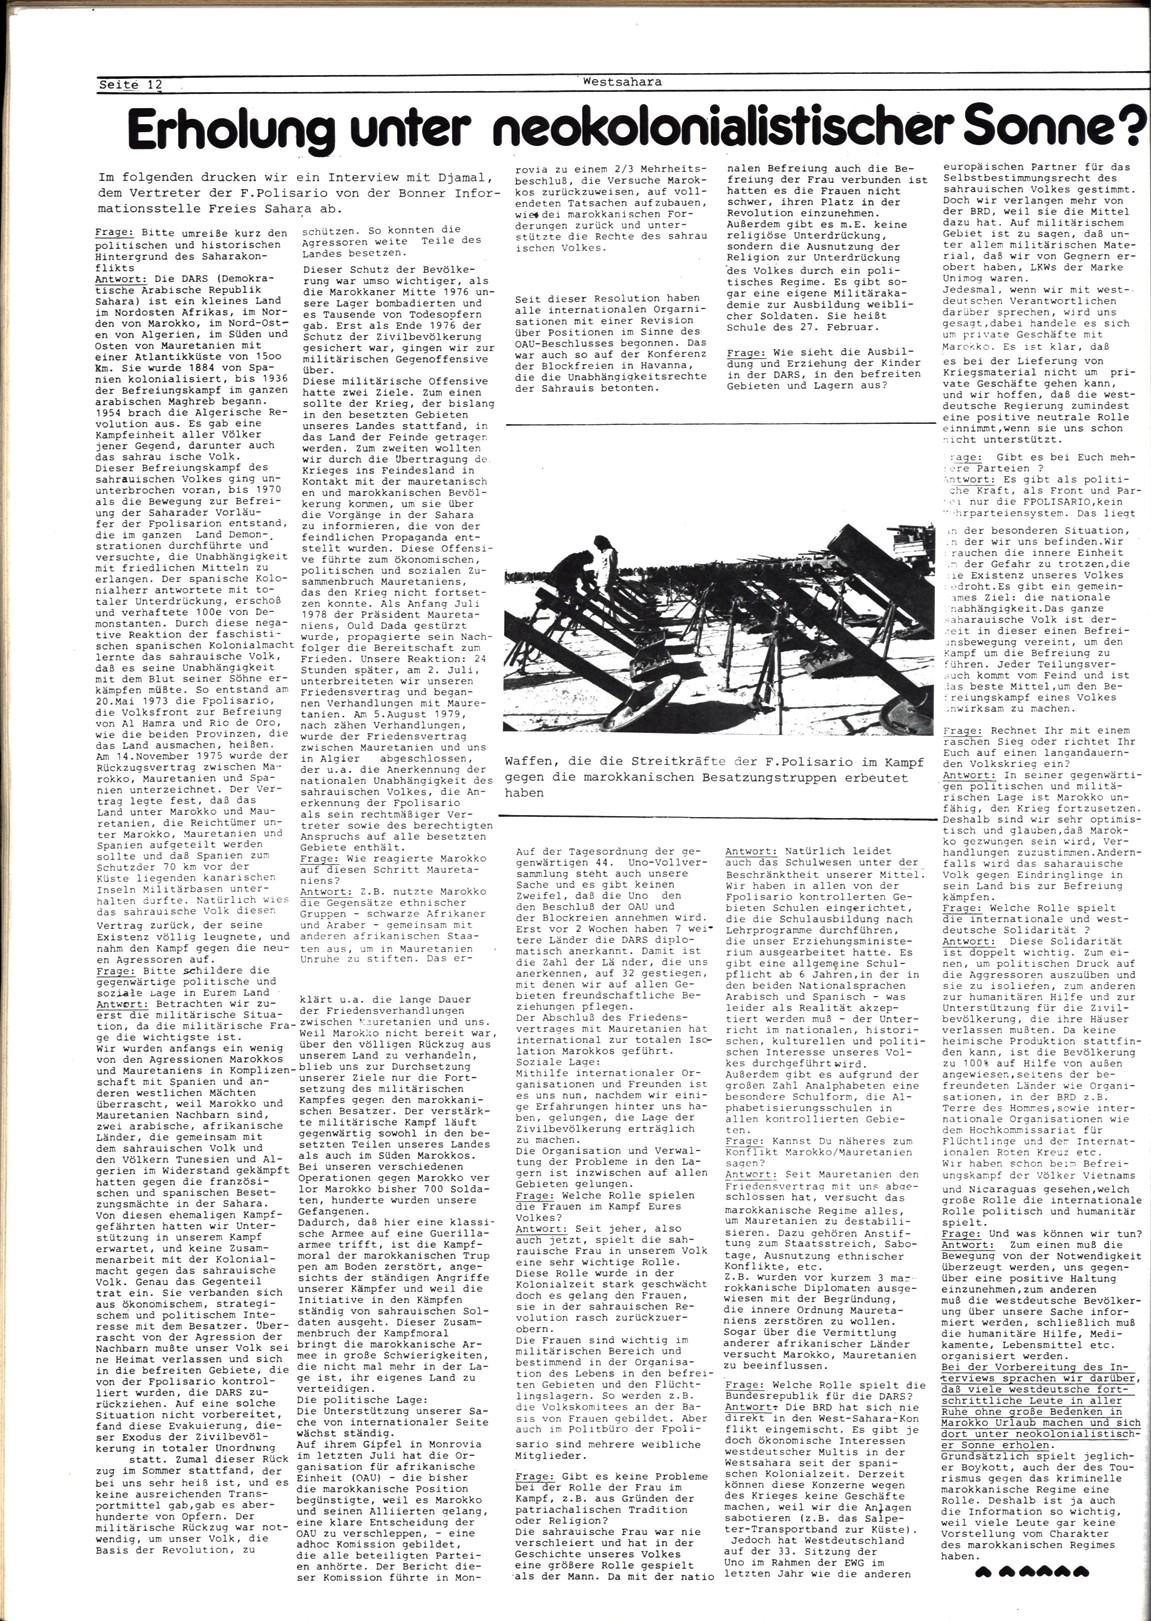 Bonner_Volksblatt_28_19791003_12